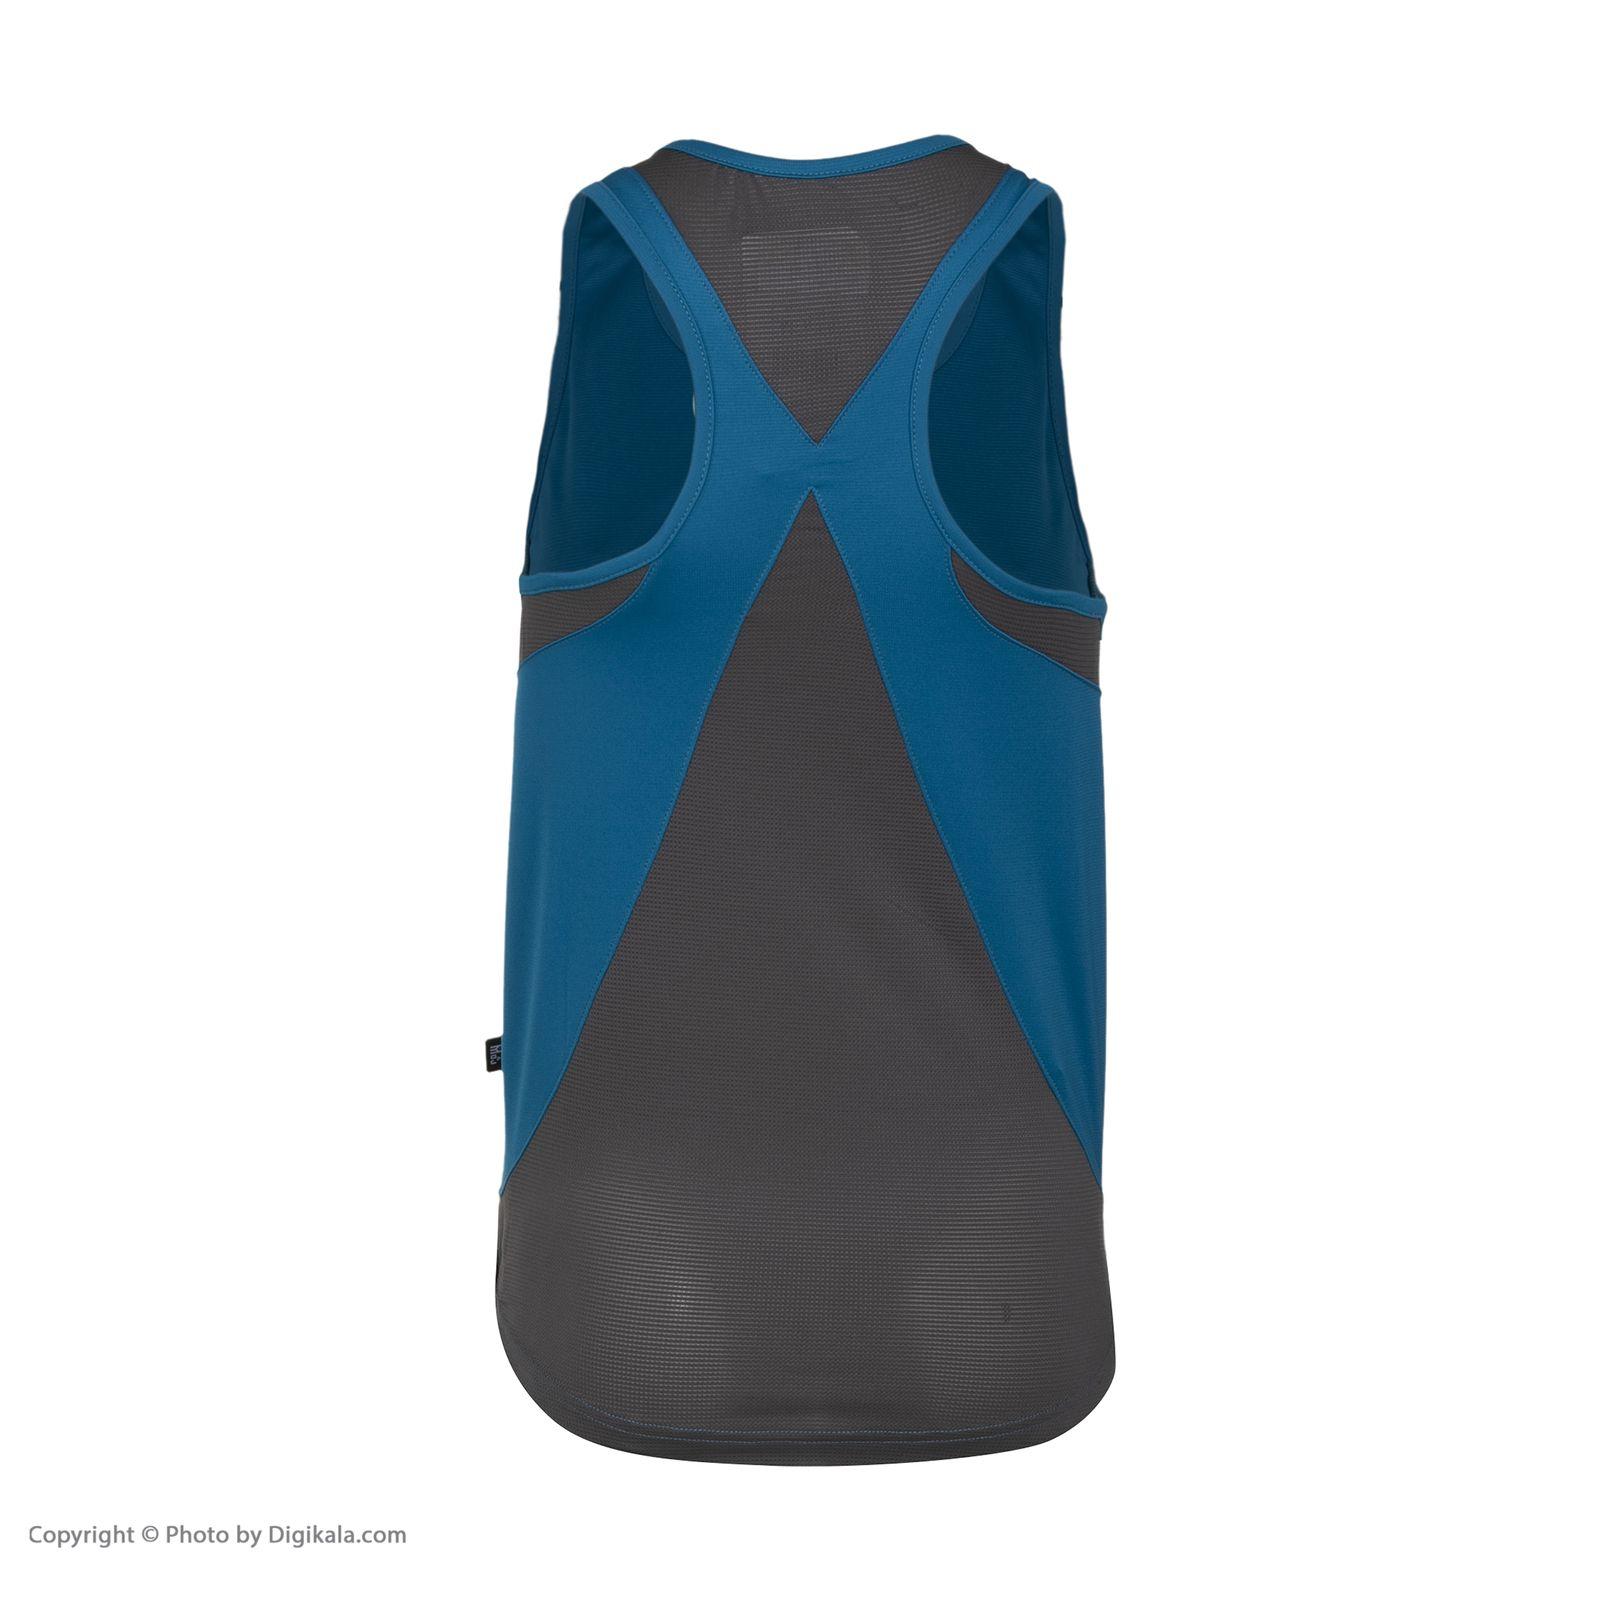 تاپ ورزشی زنانه مل اند موژ مدل W06339-410 -  - 5